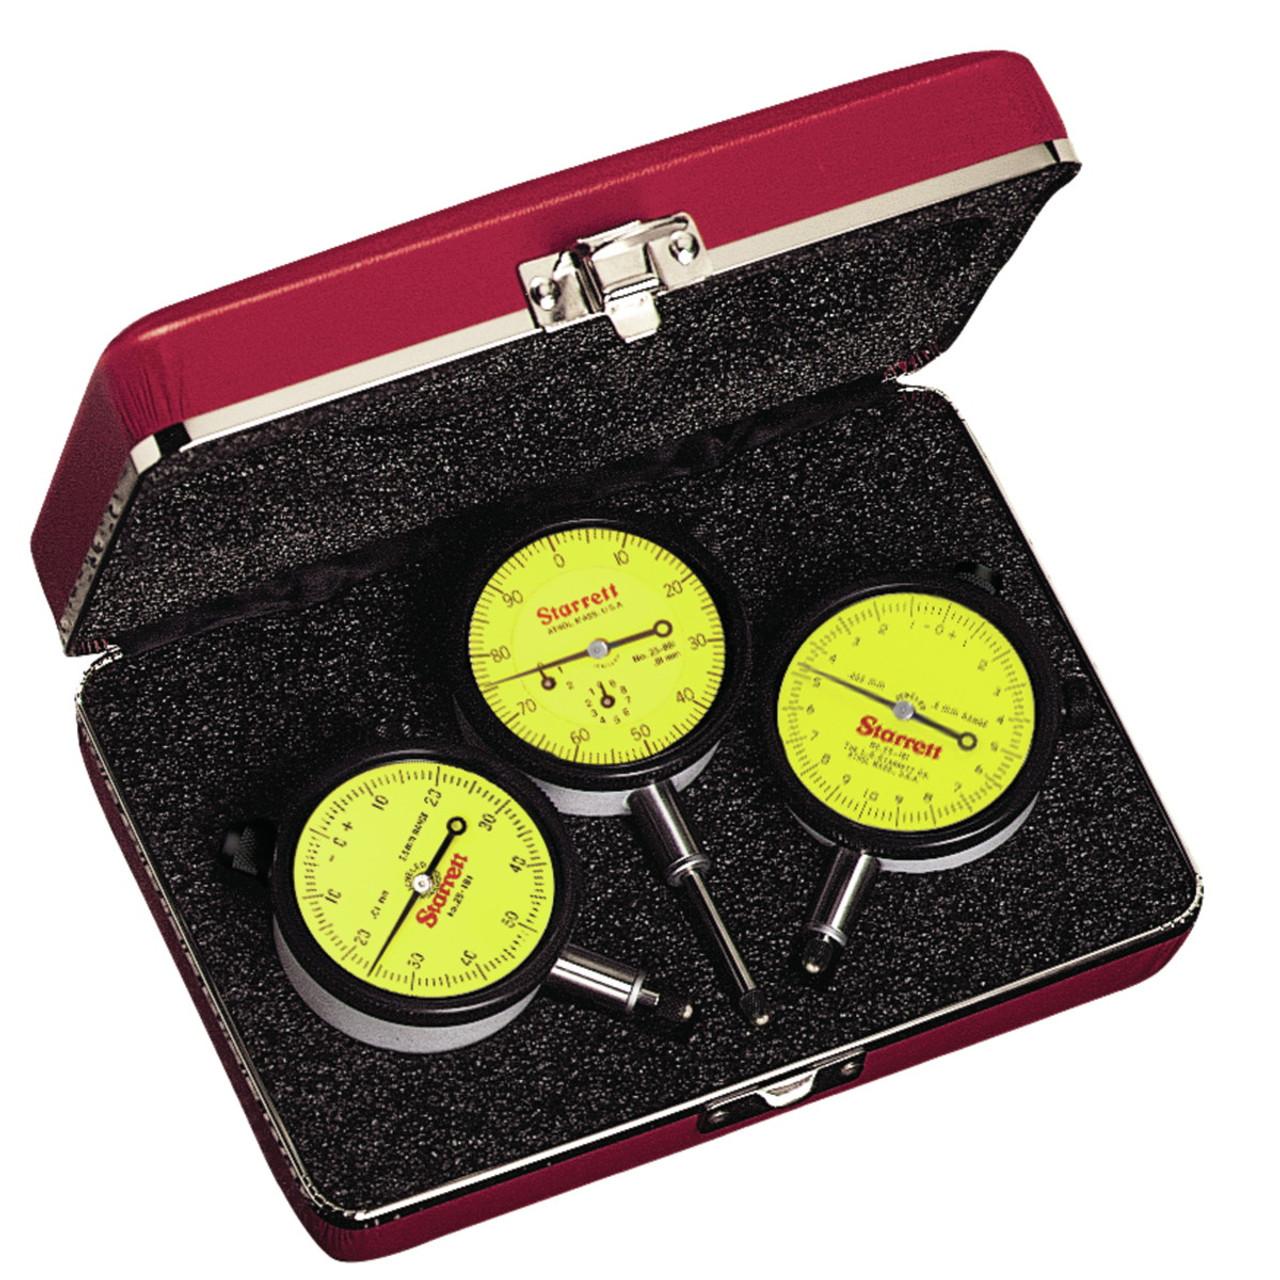 small resolution of  s253mz edp 56283 set of 3 metric dial indicators mercado regal